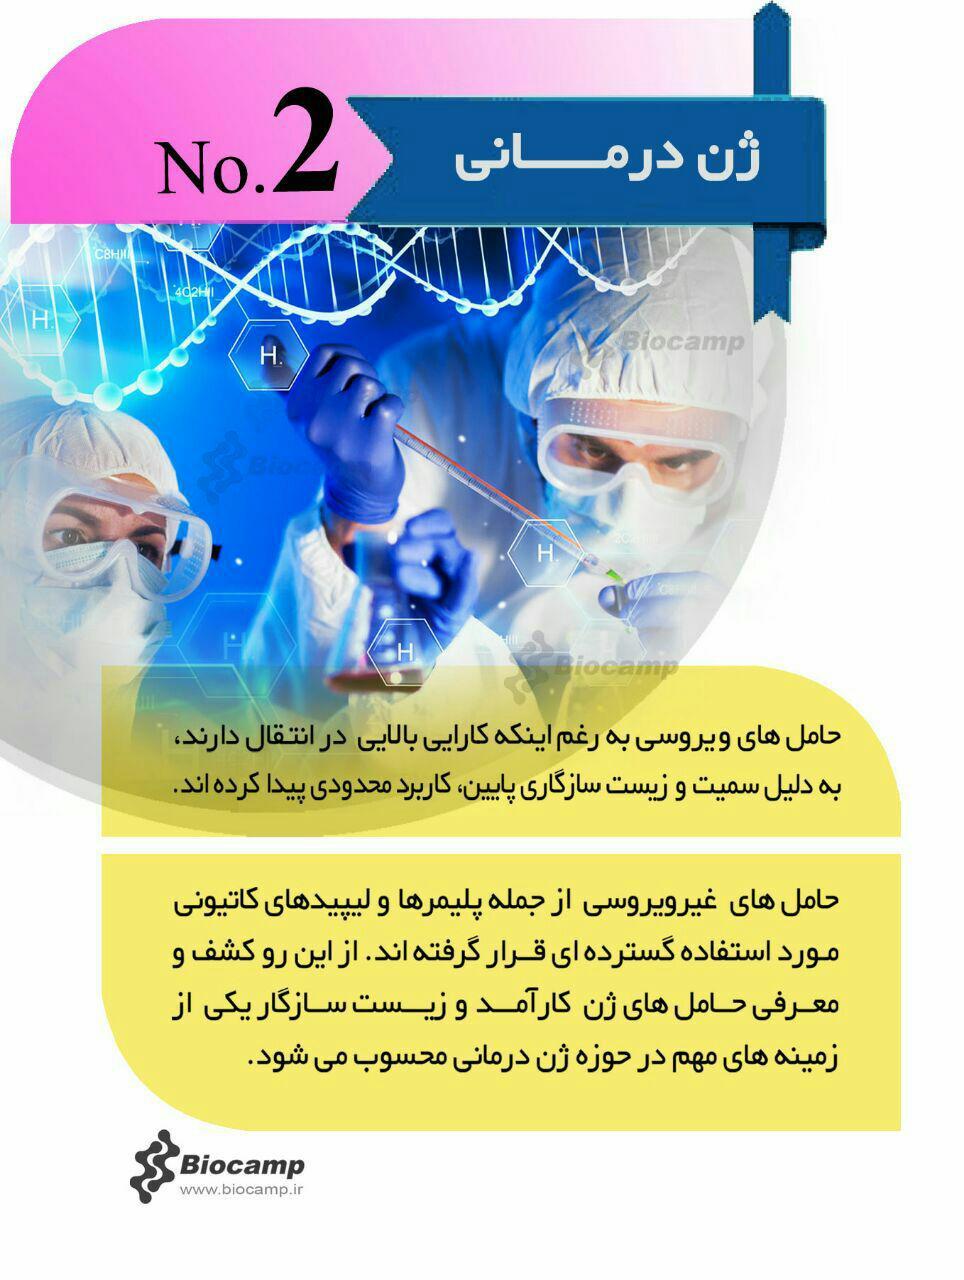 ژن درمانی ژن درمانی چیست؟ - اینفوگرافی ژن درمانی چیست؟ - اینفوگرافی photo 2016 09 01 18 12 08